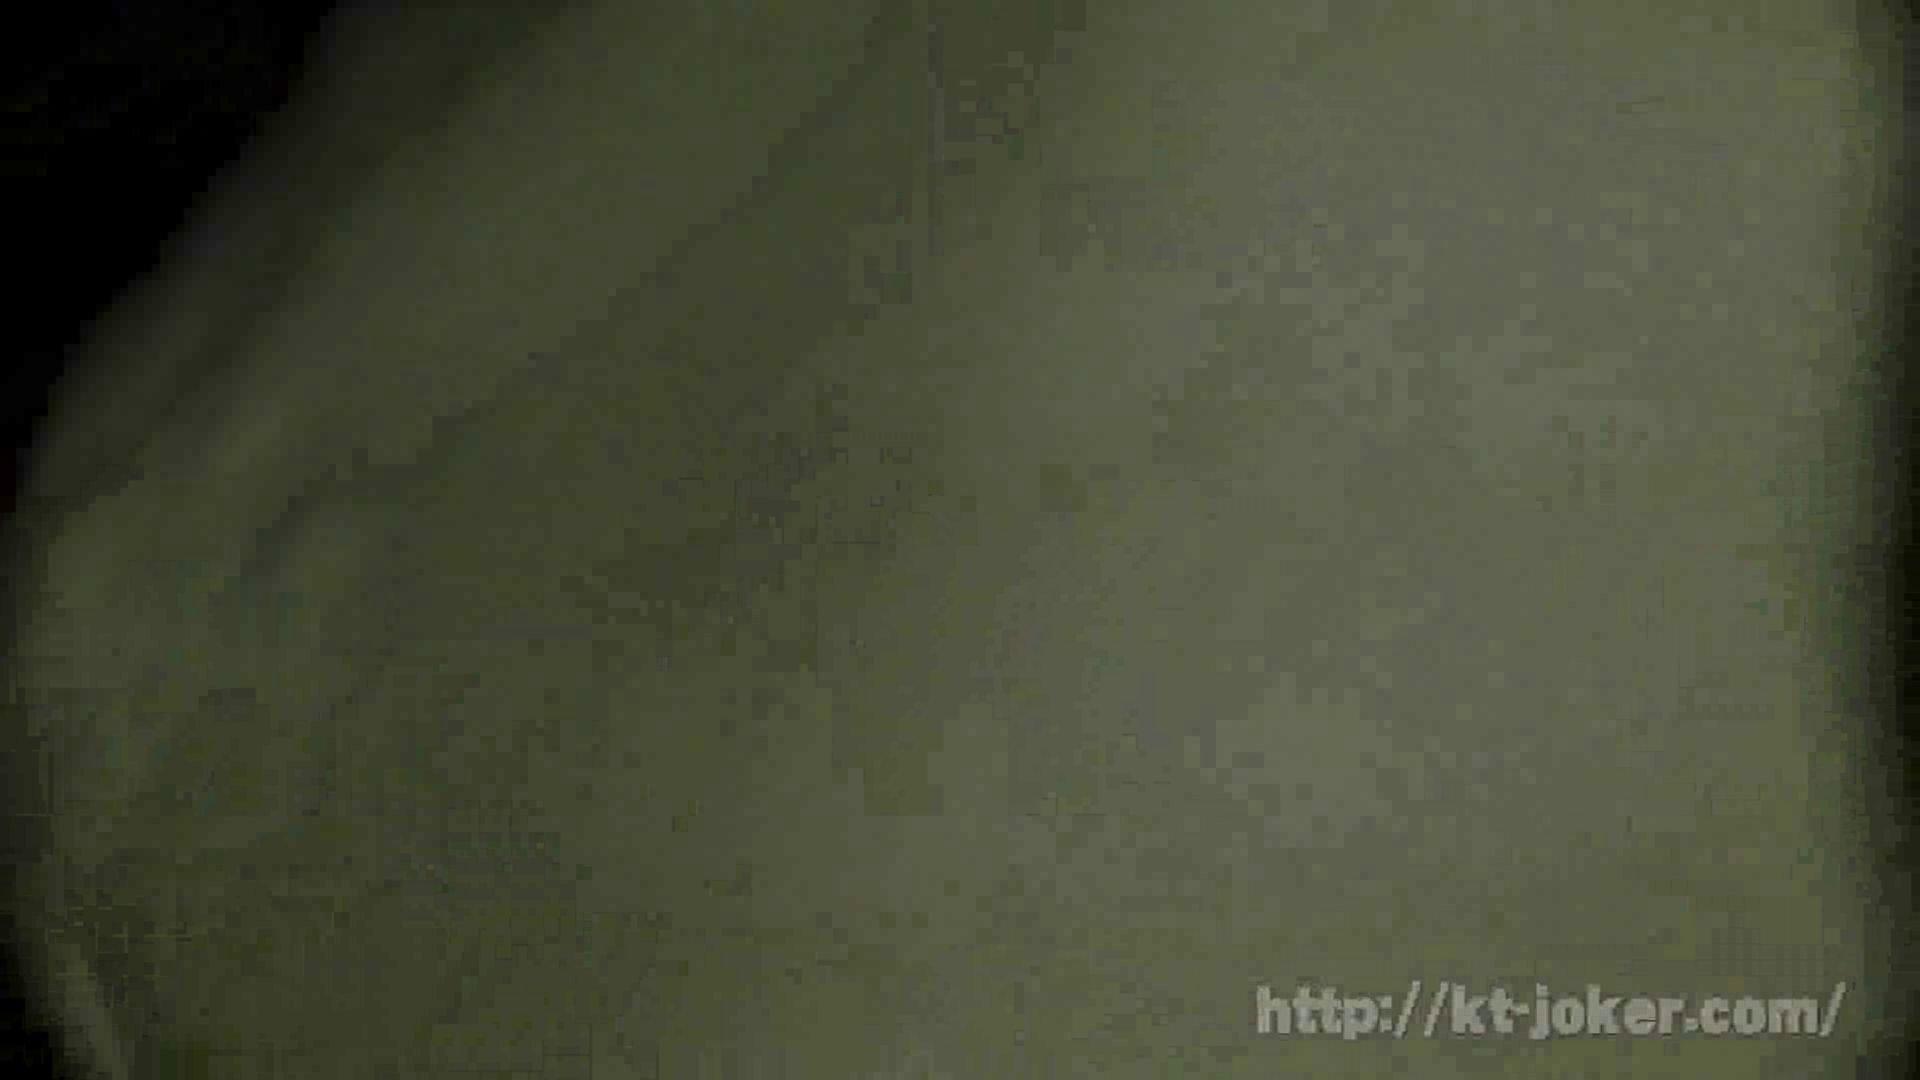 命がけ潜伏洗面所! vol.71 典型的な韓国人美女登場!! 美女のヌード  97画像 60